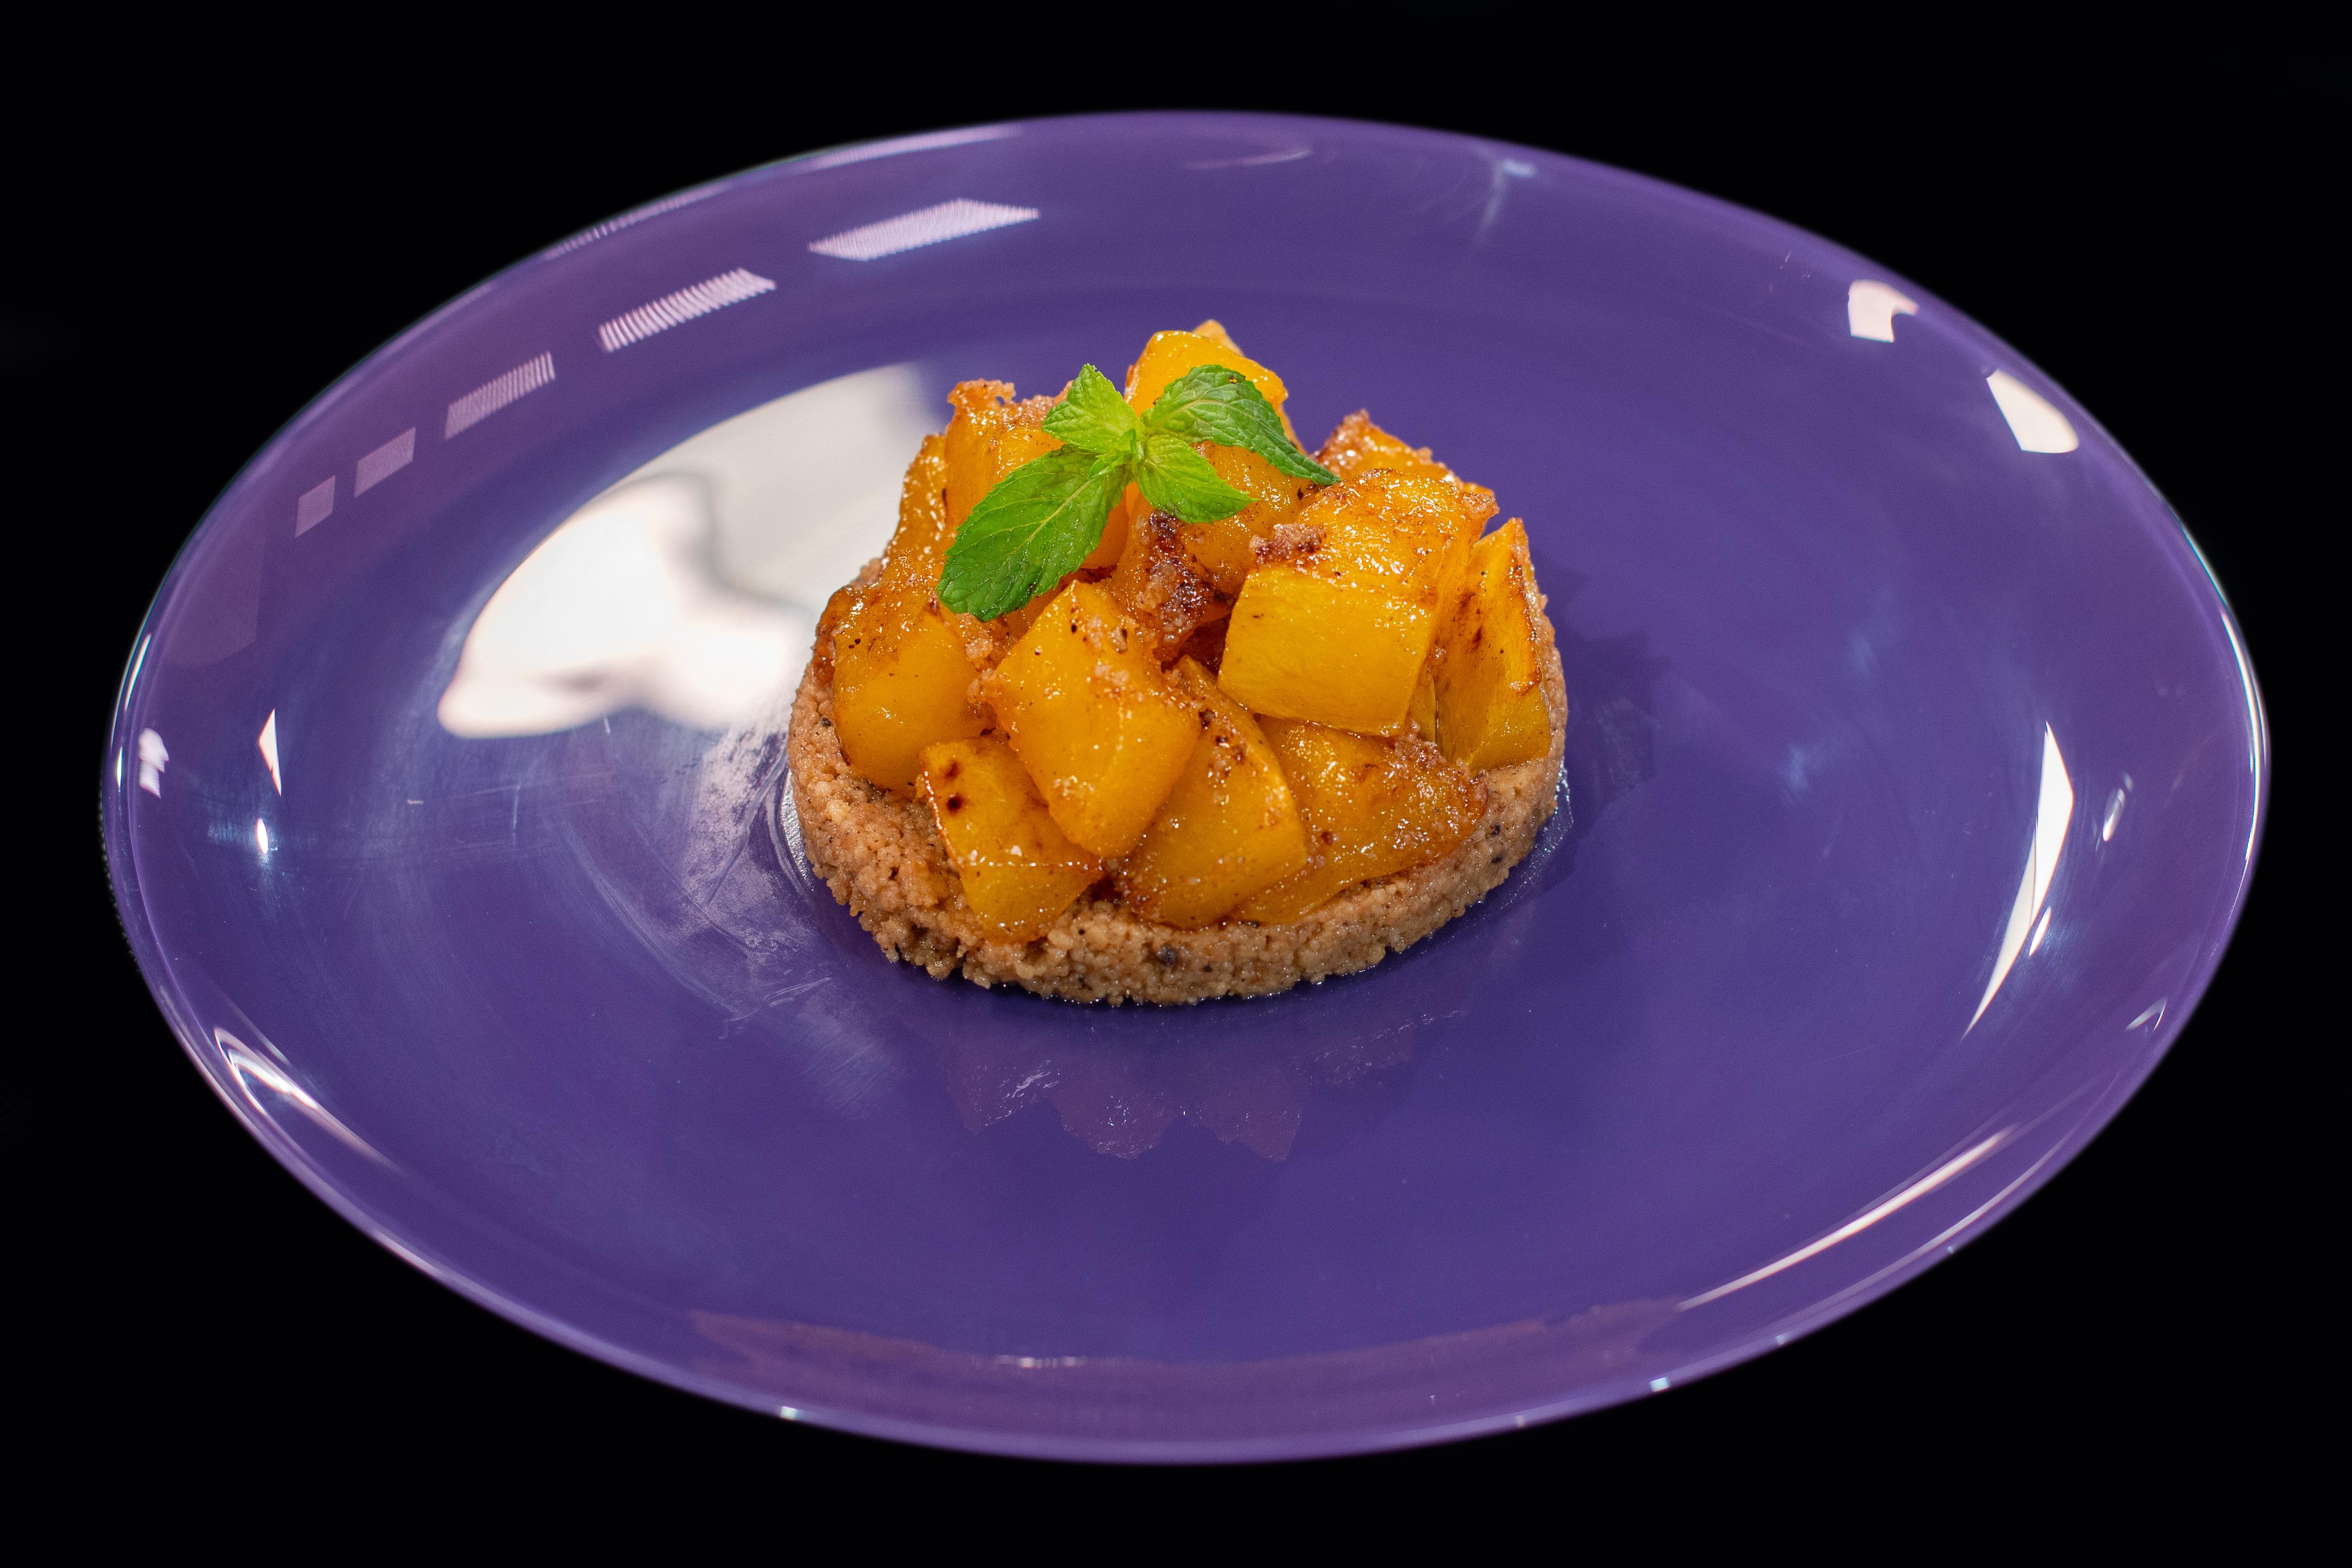 Tatin de mangue